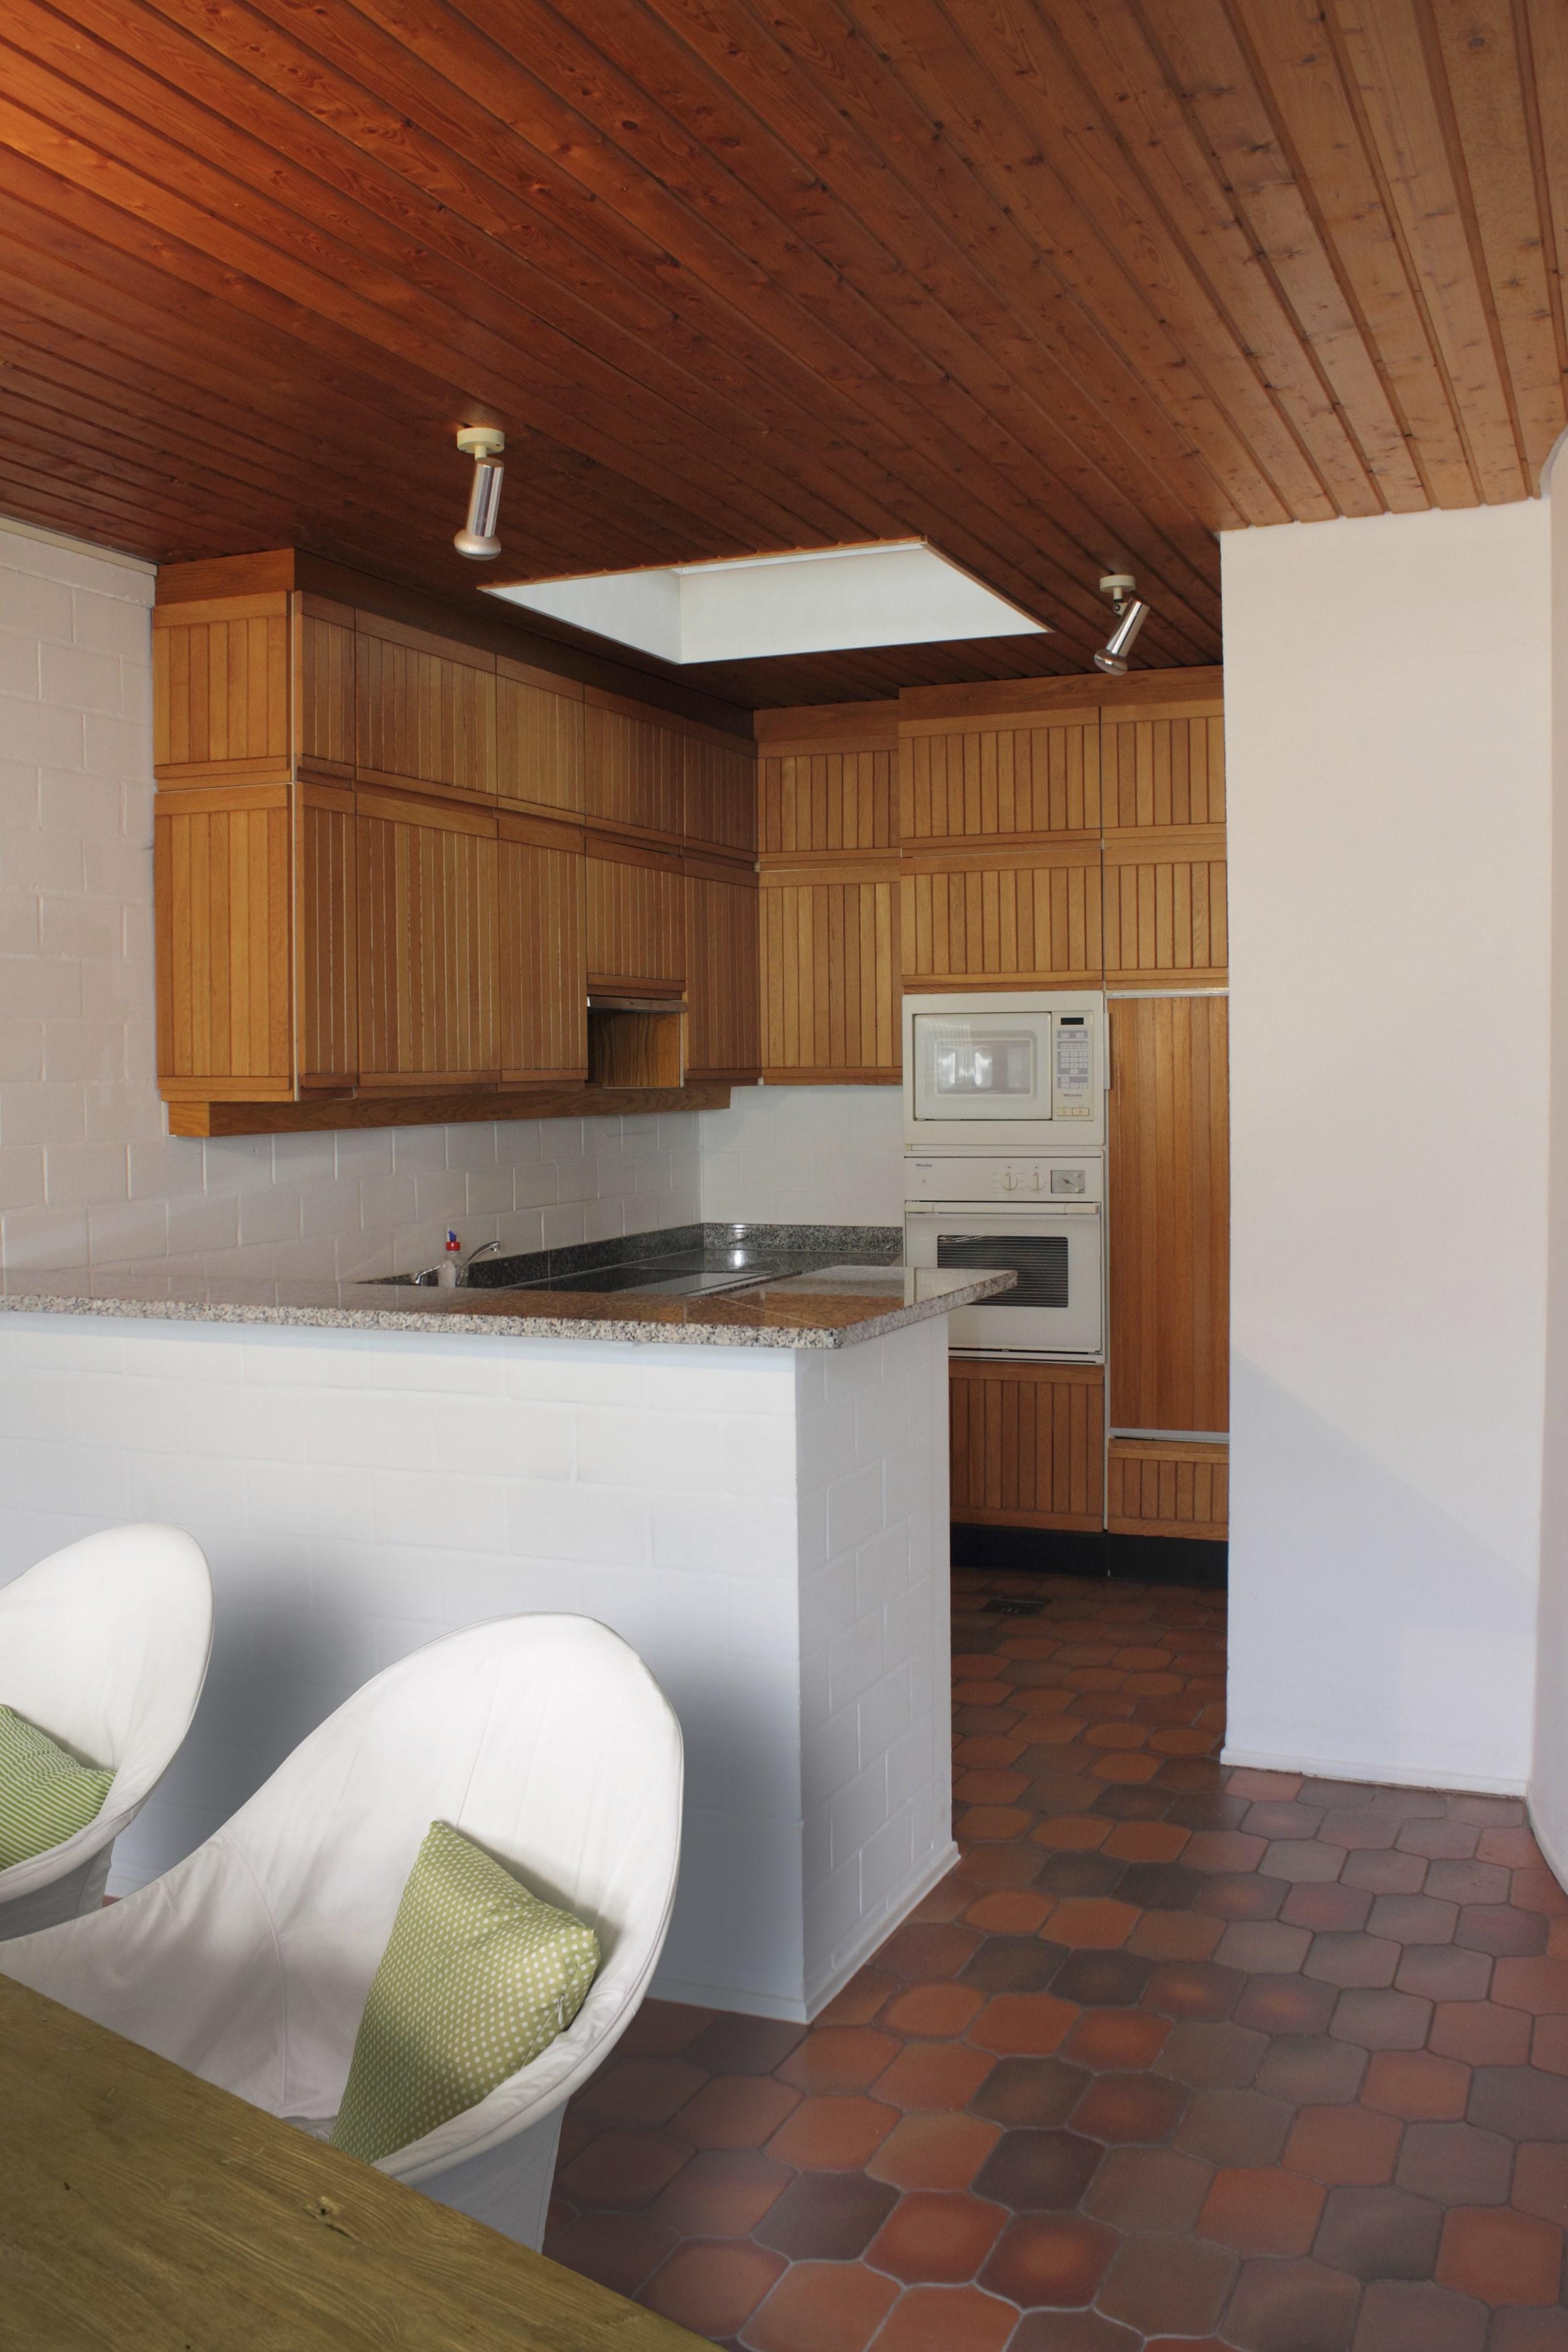 Wunderbar Vor Und Nach Fotos Küche Renovierungen Fotos - Ideen Für ...